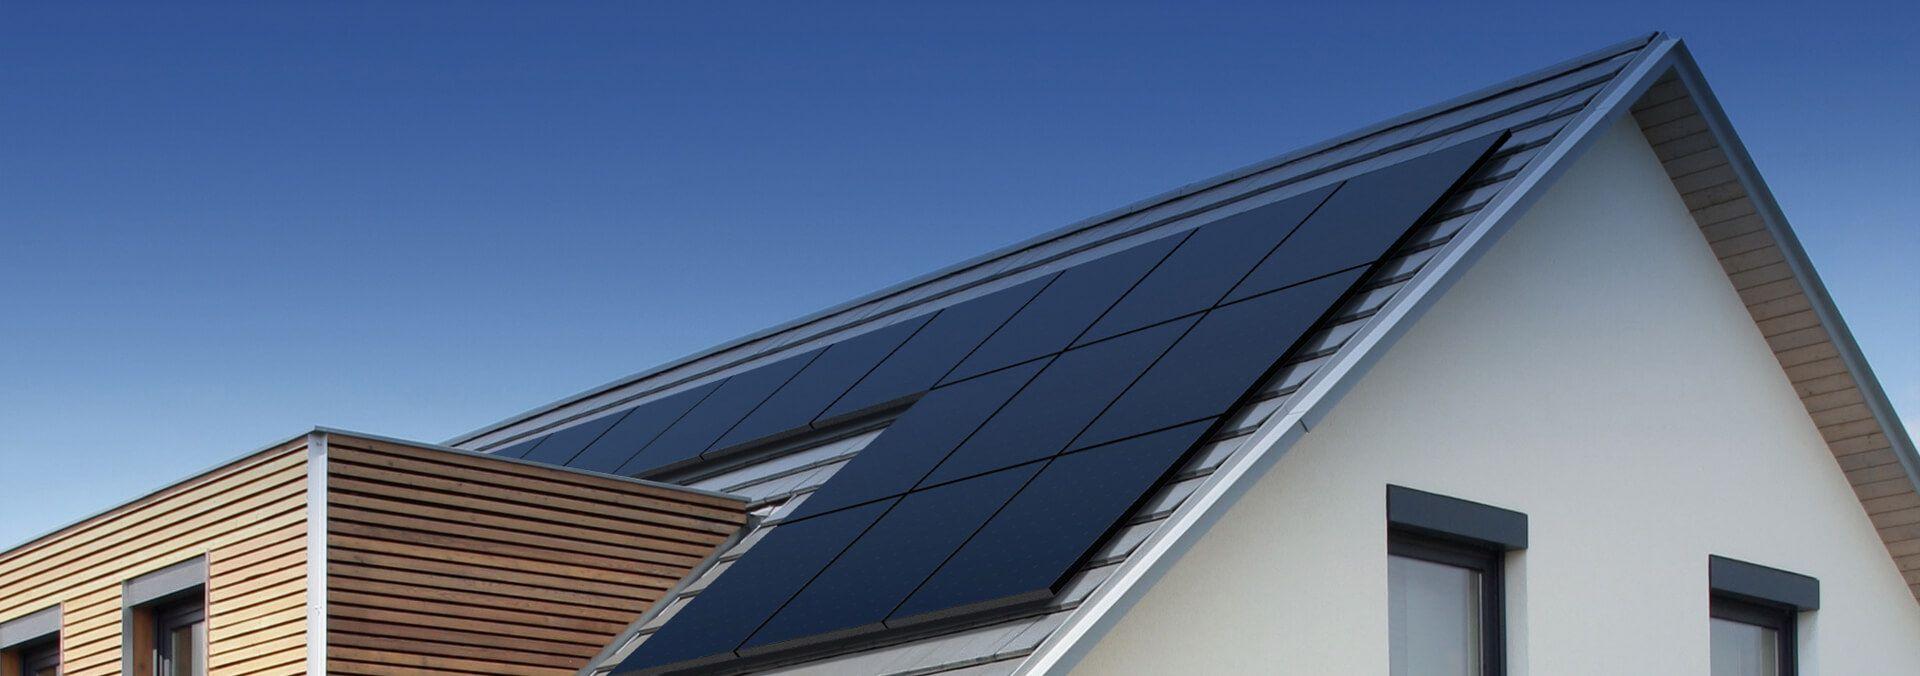 Solar Energy Company Solar Panels Sunpower Global